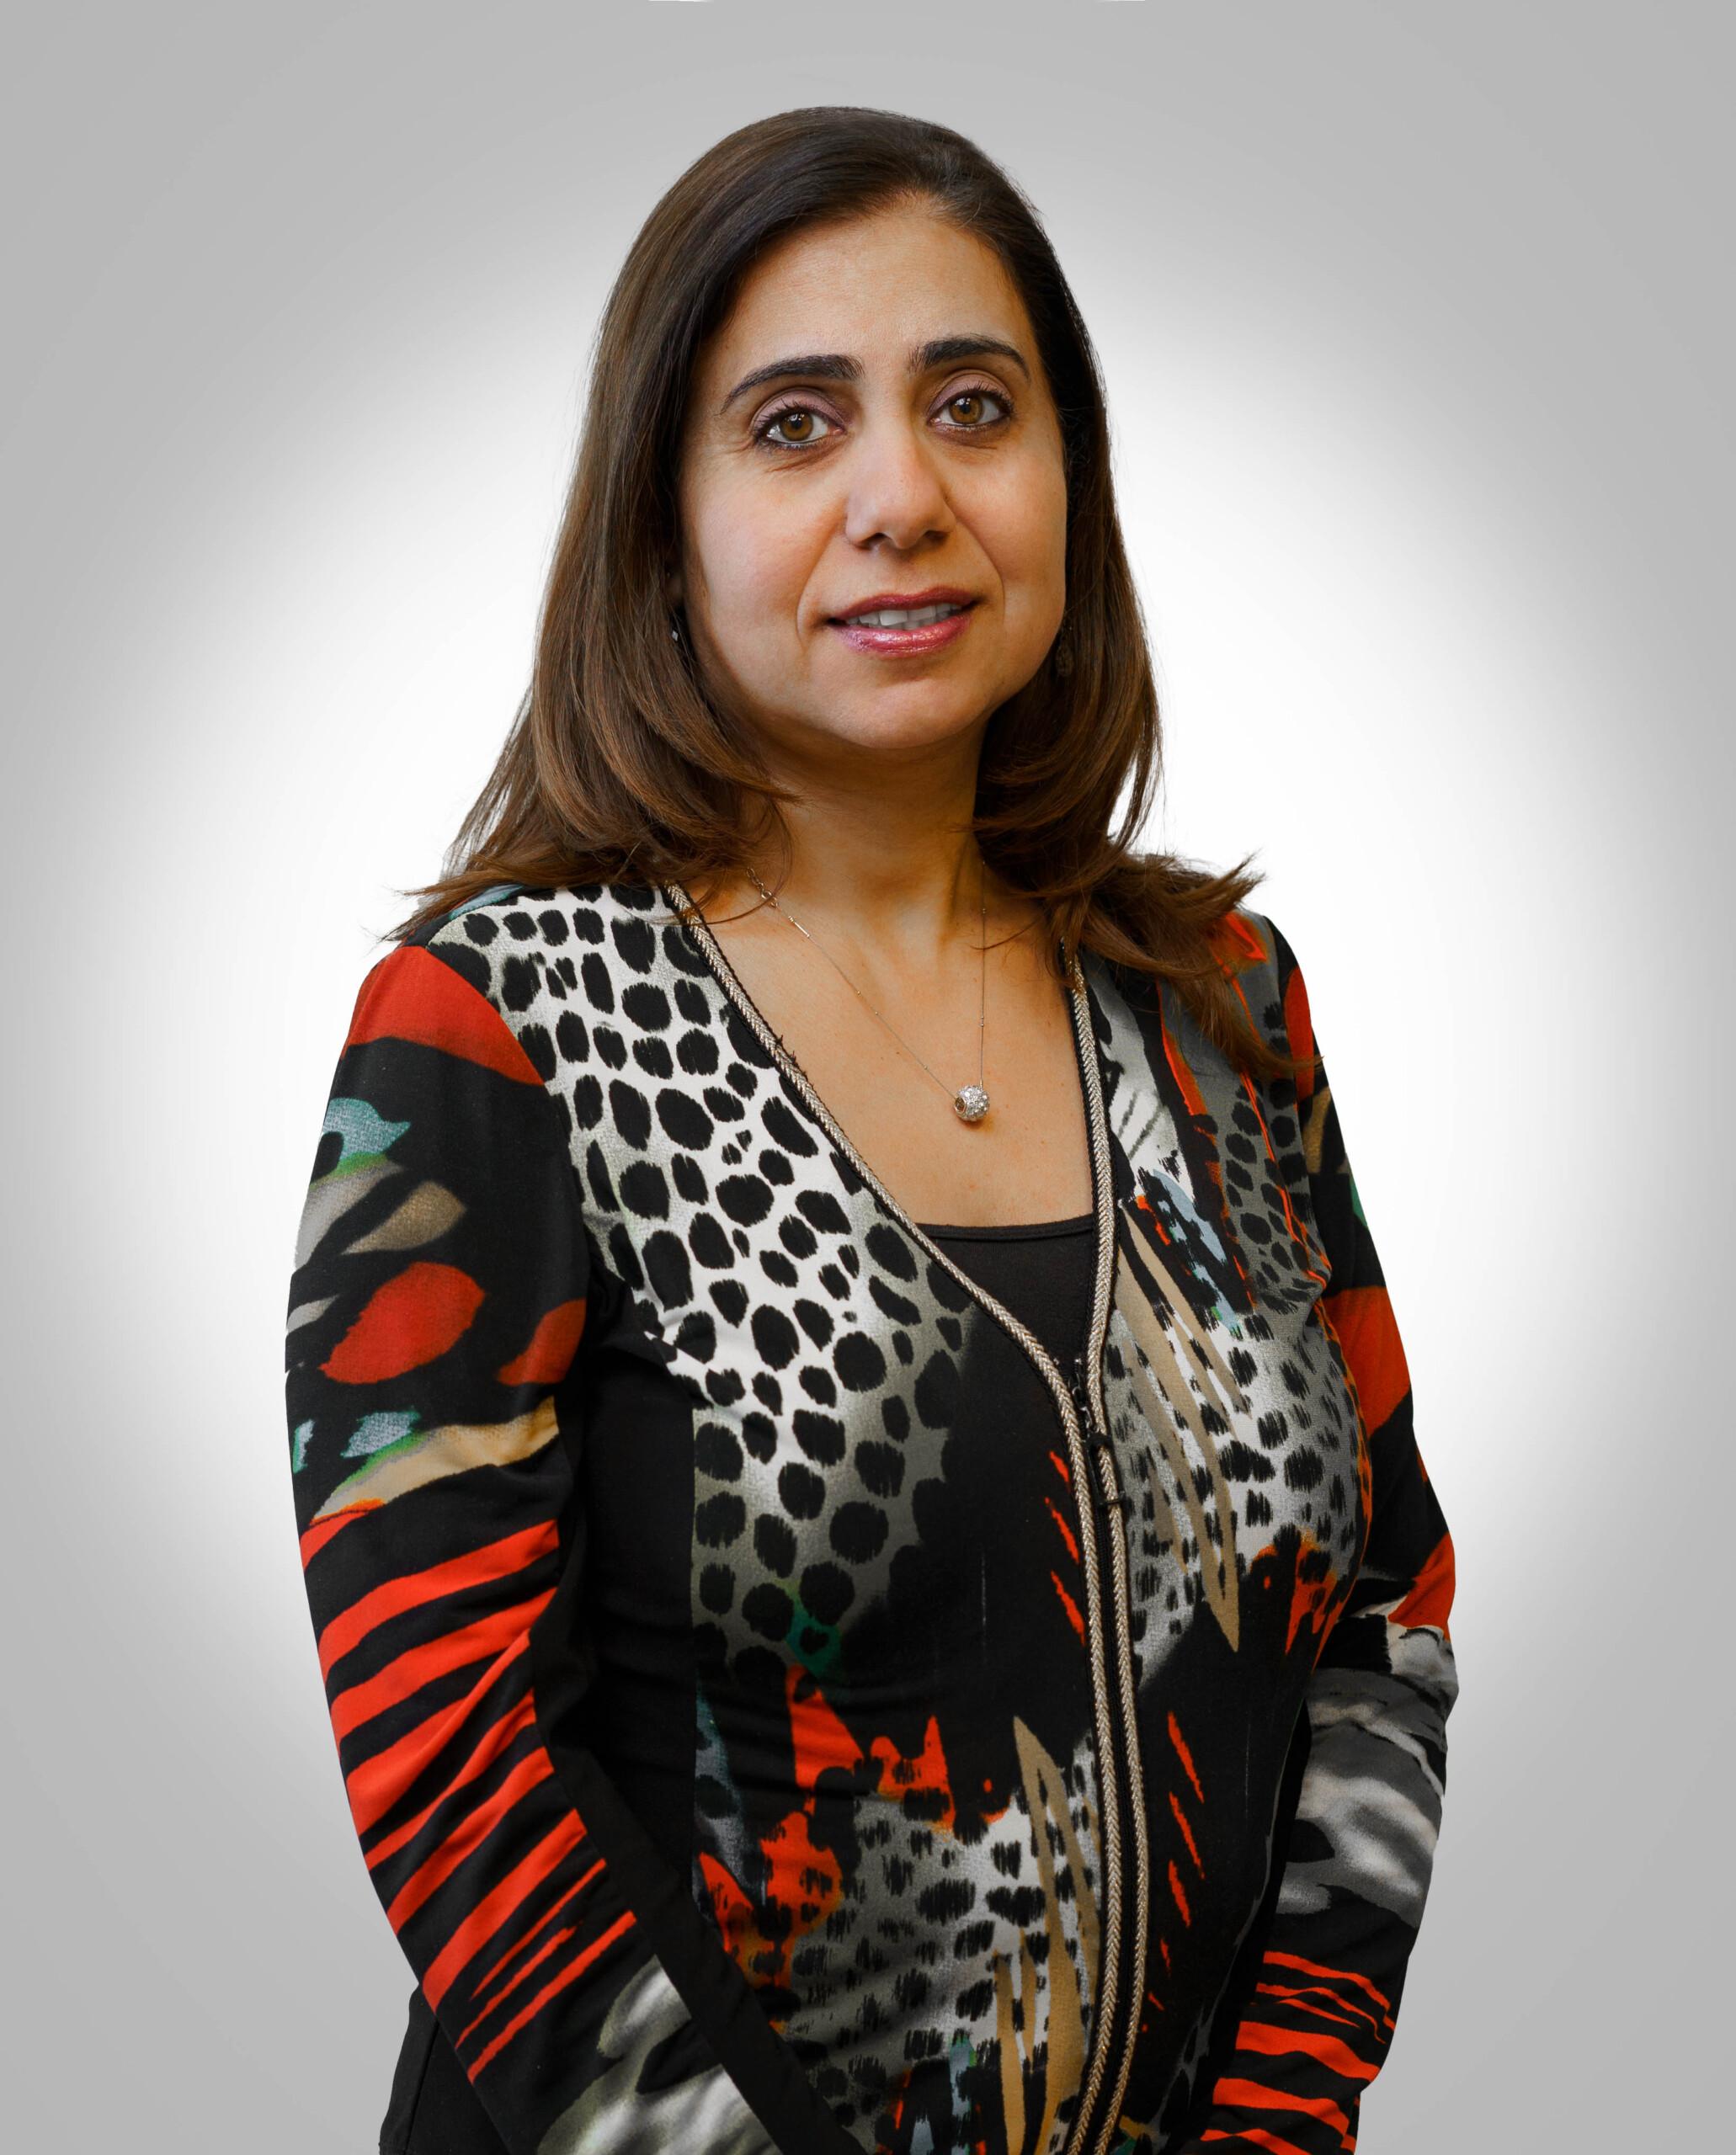 Zeina El Asmar